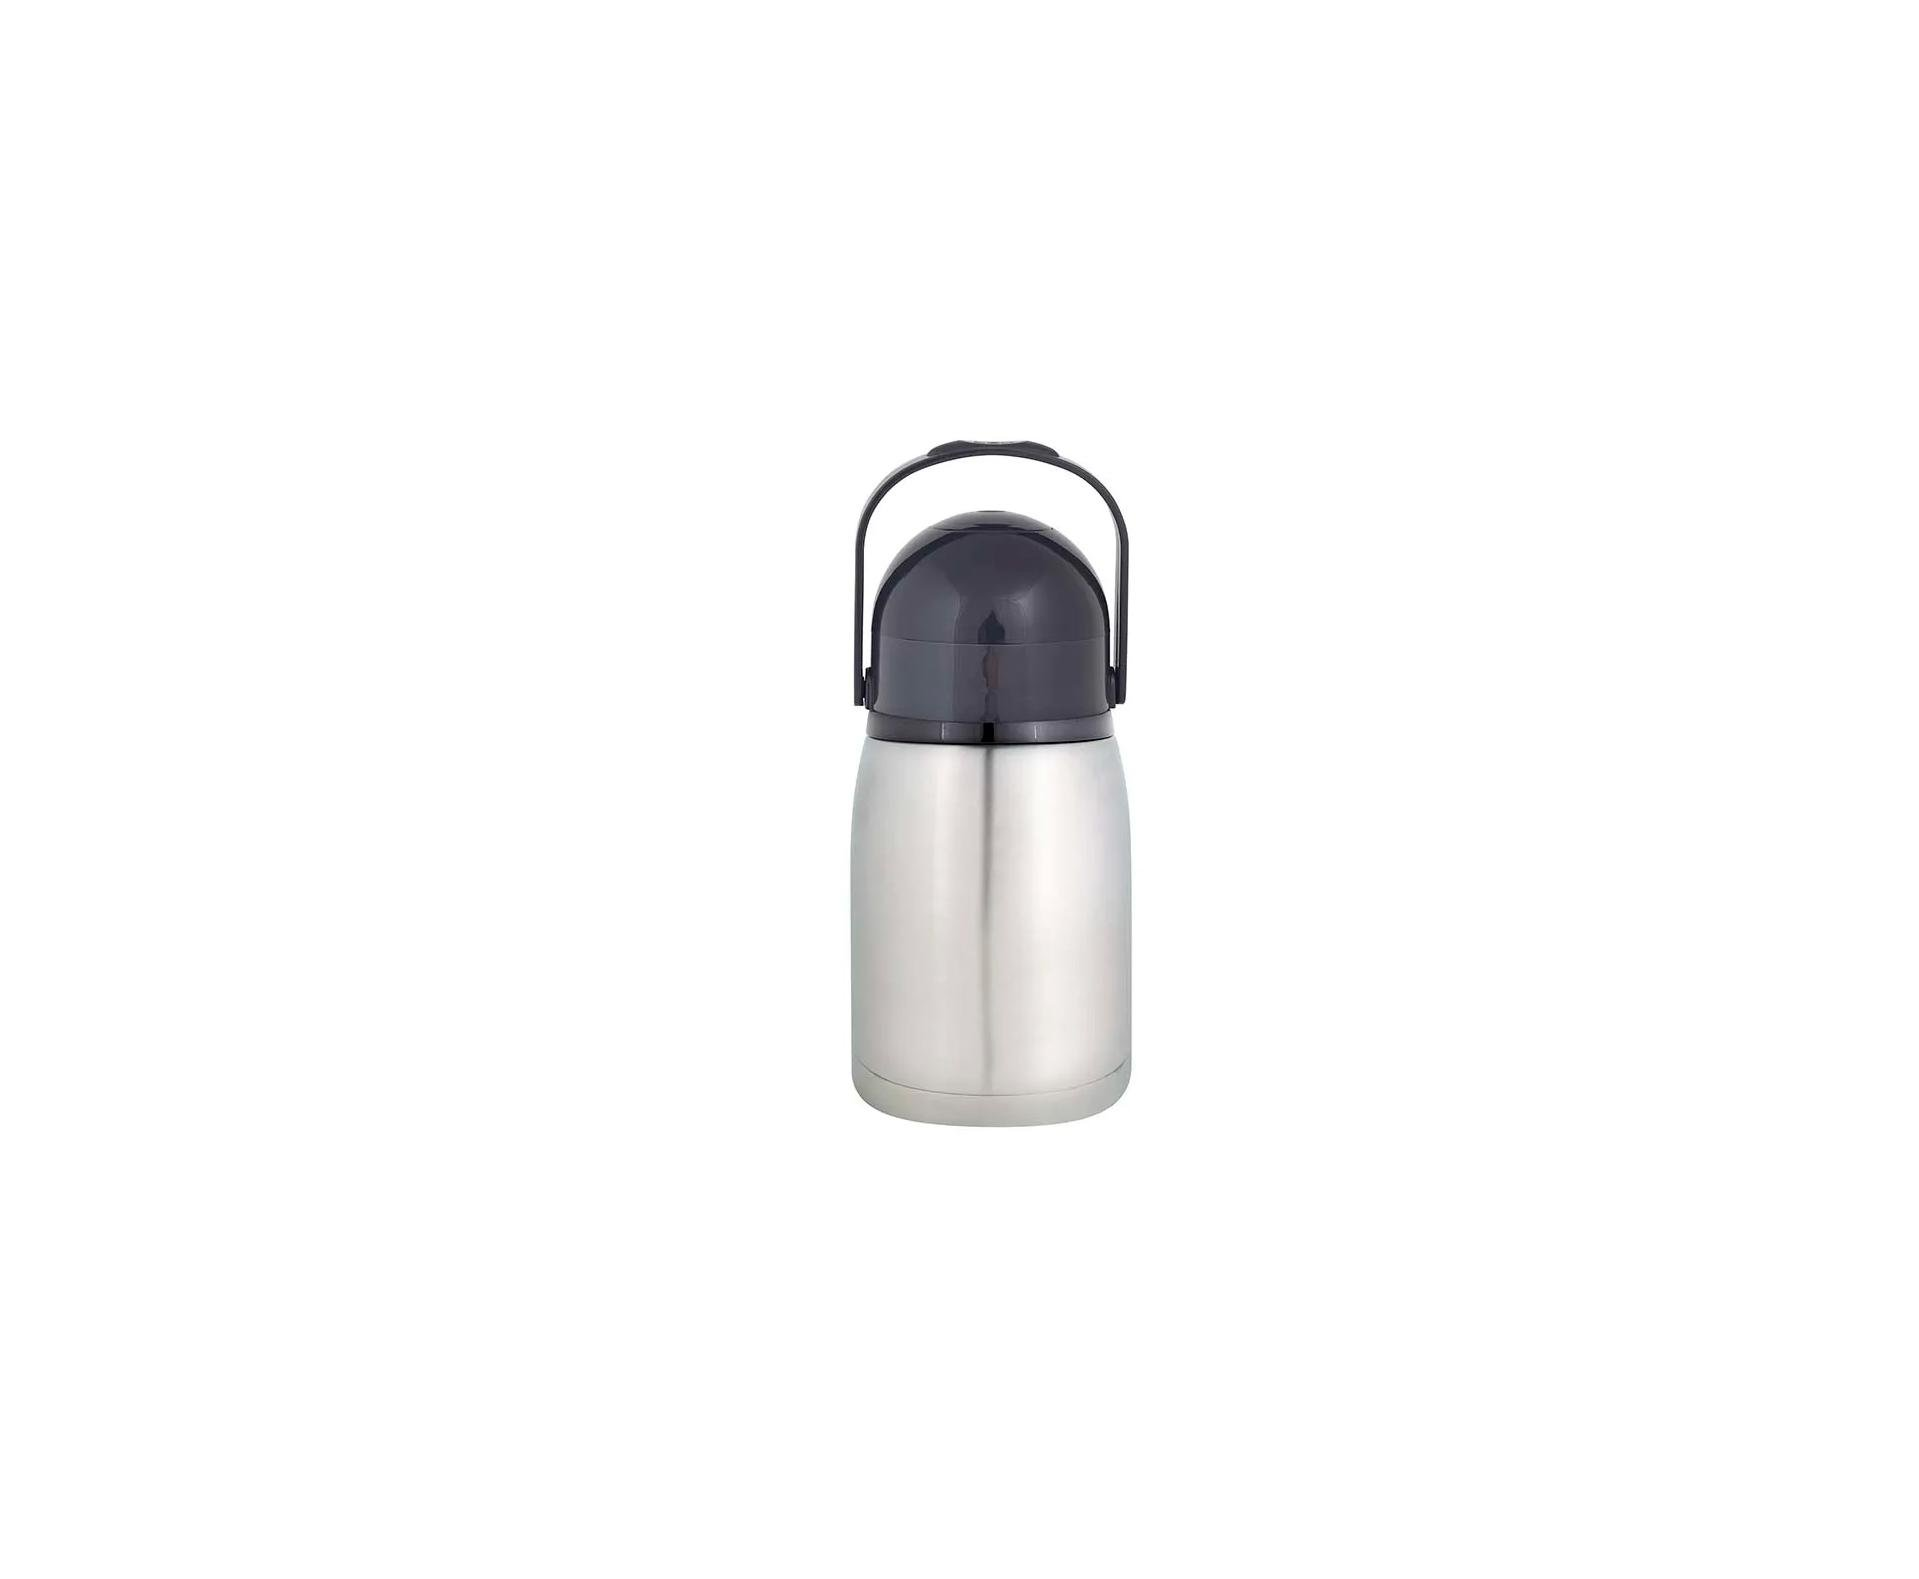 Garrafa Térmica Mor Nobile Total Inox 1,3 Litros Inquebrável